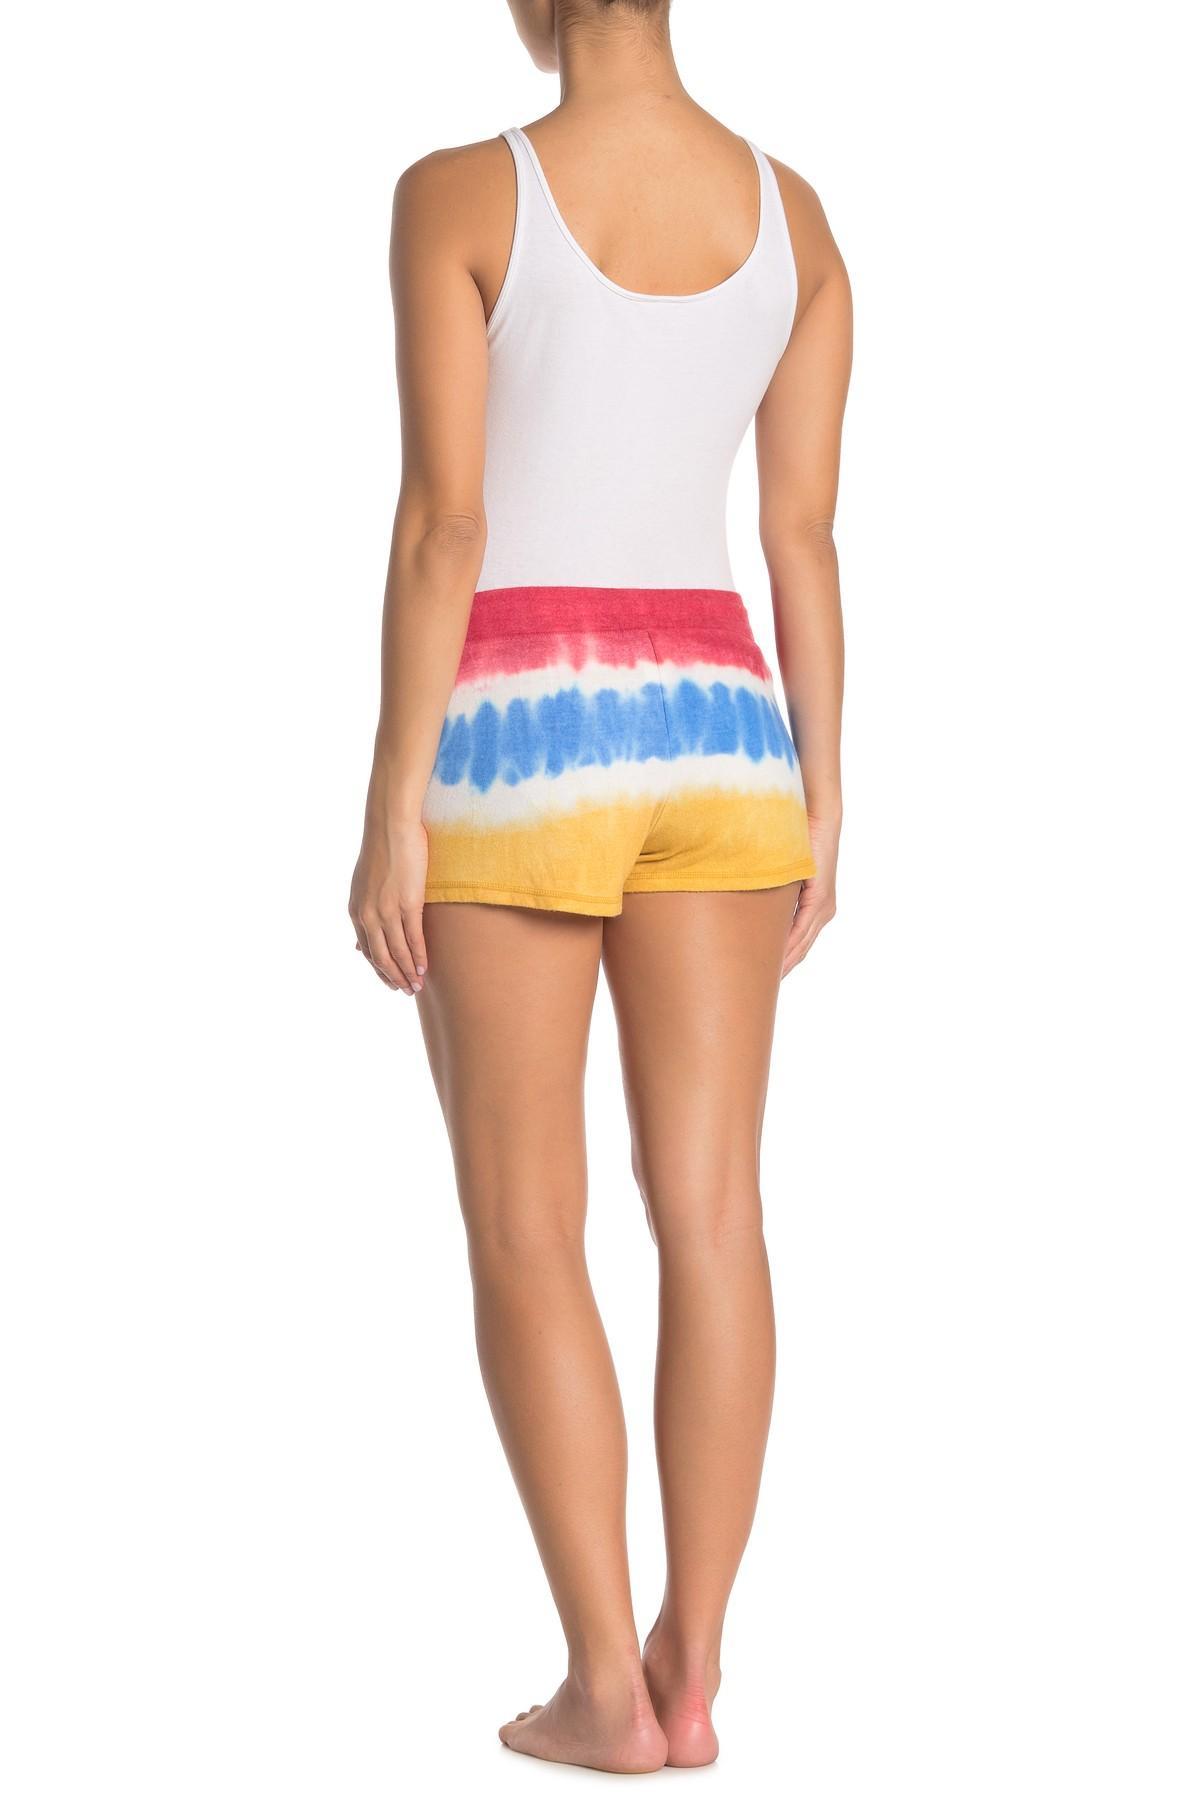 Ivory Tie-Dye PJ Salvage Women/'s Vintage Feels Jersey Lounge Shorts